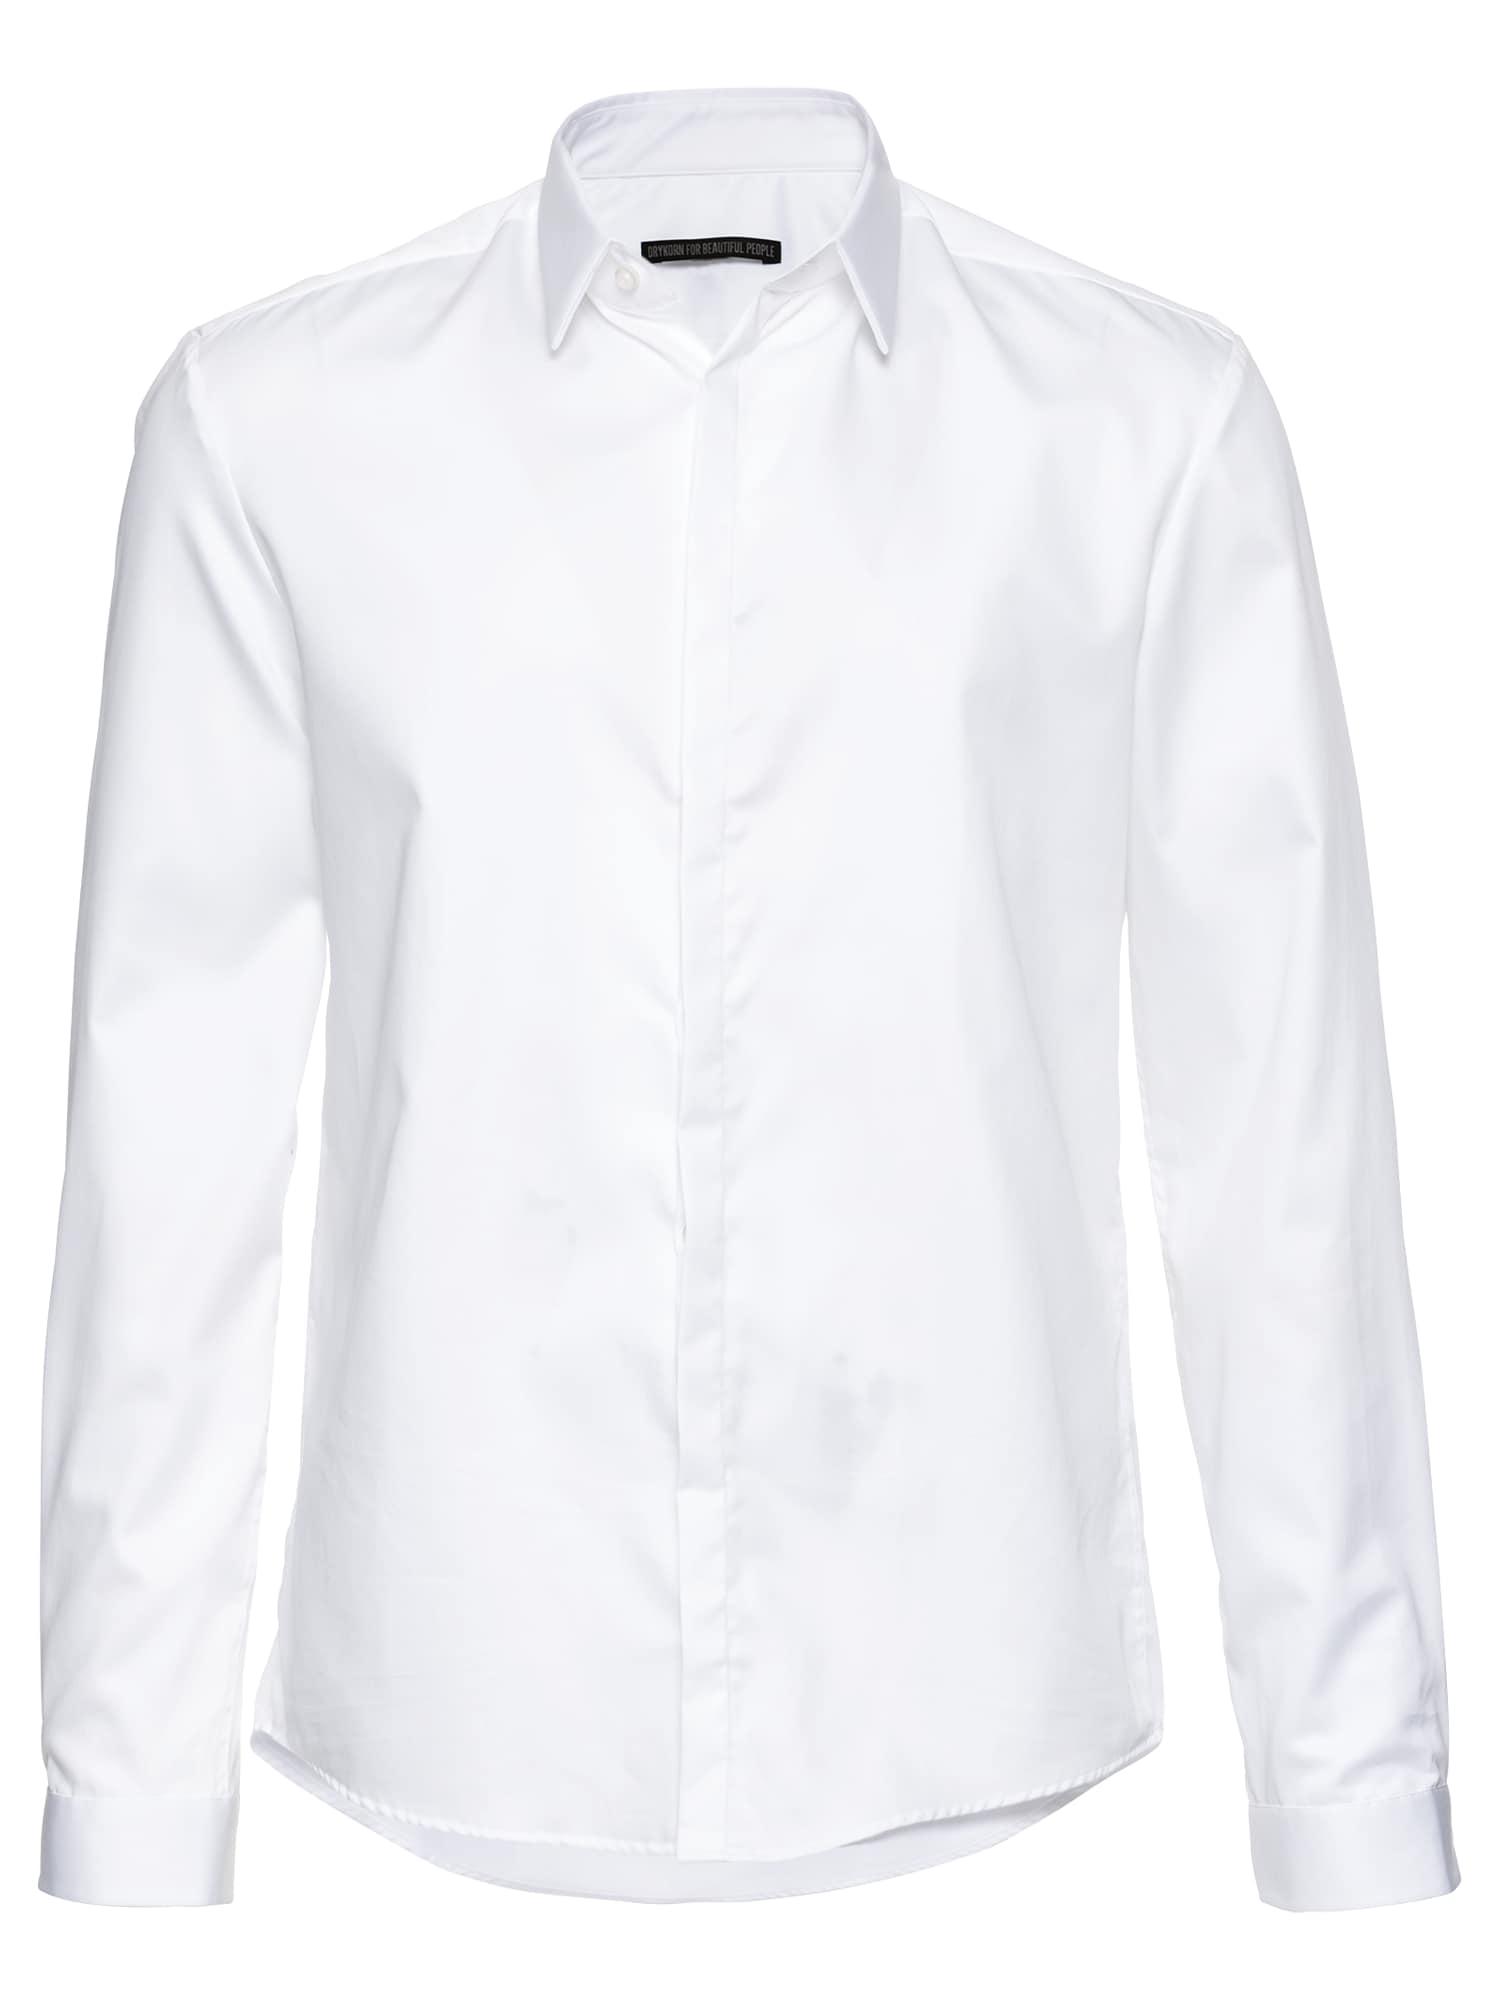 Společenská košile JONATHAN 304208 bílá DRYKORN